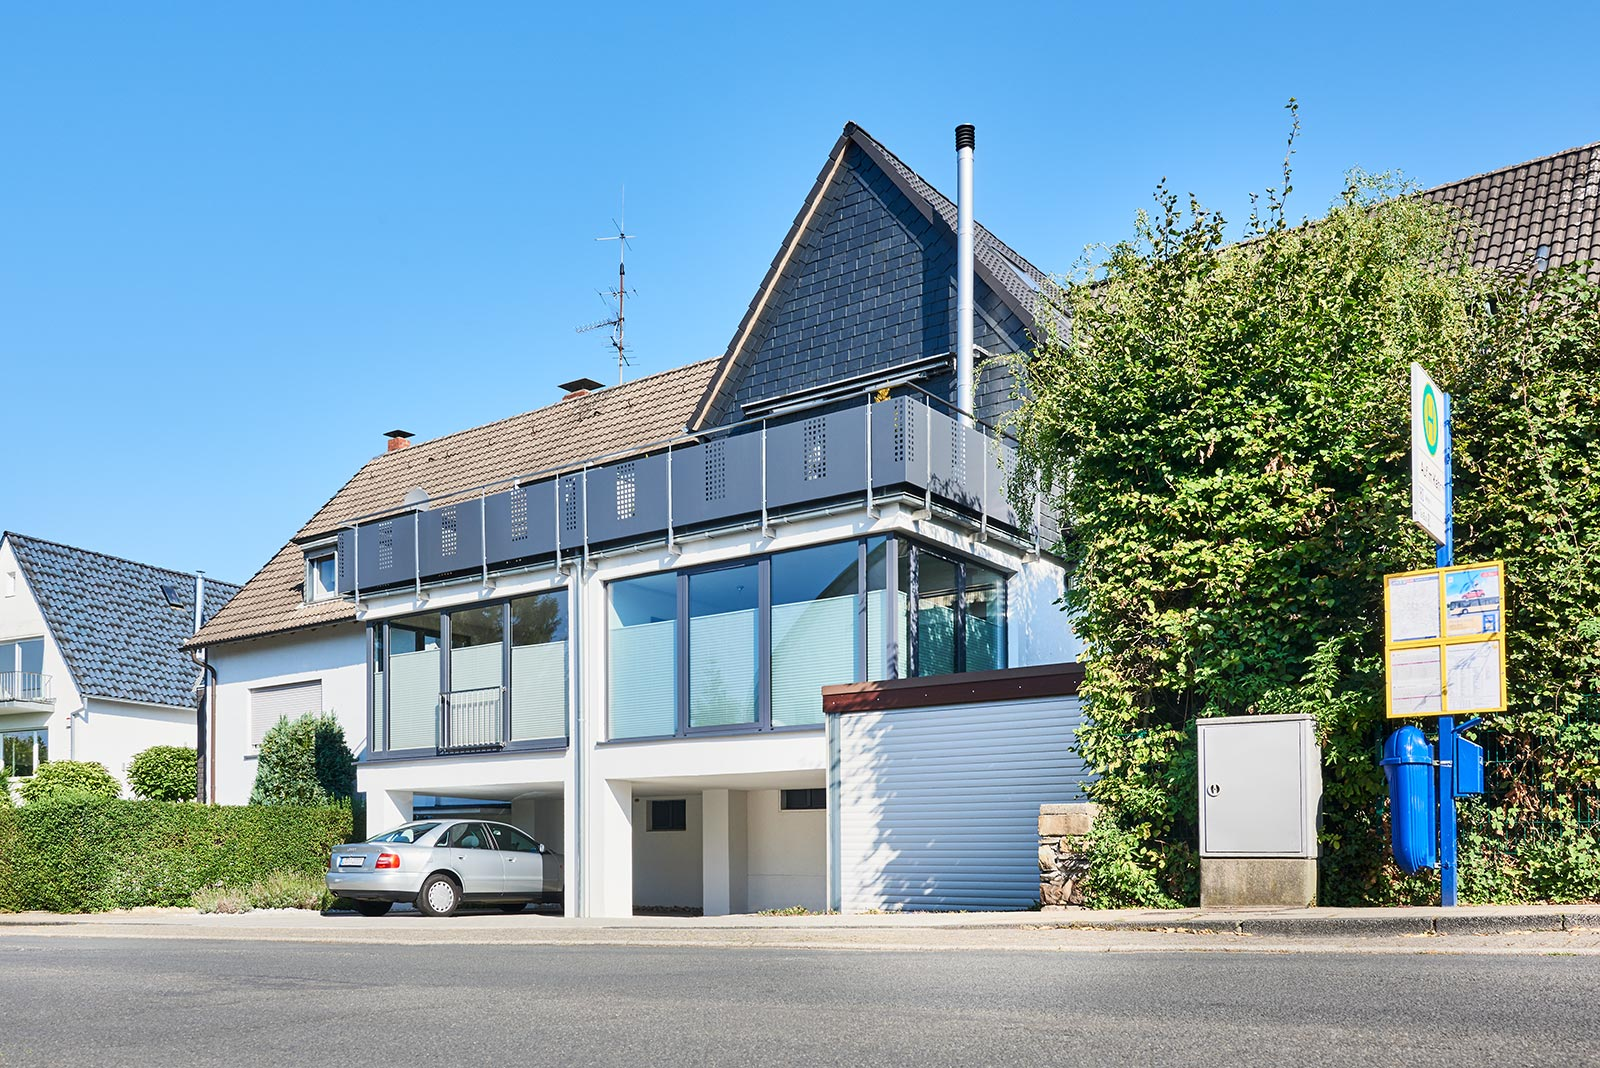 Immobilie in Essen (Werden/Fischlaken)